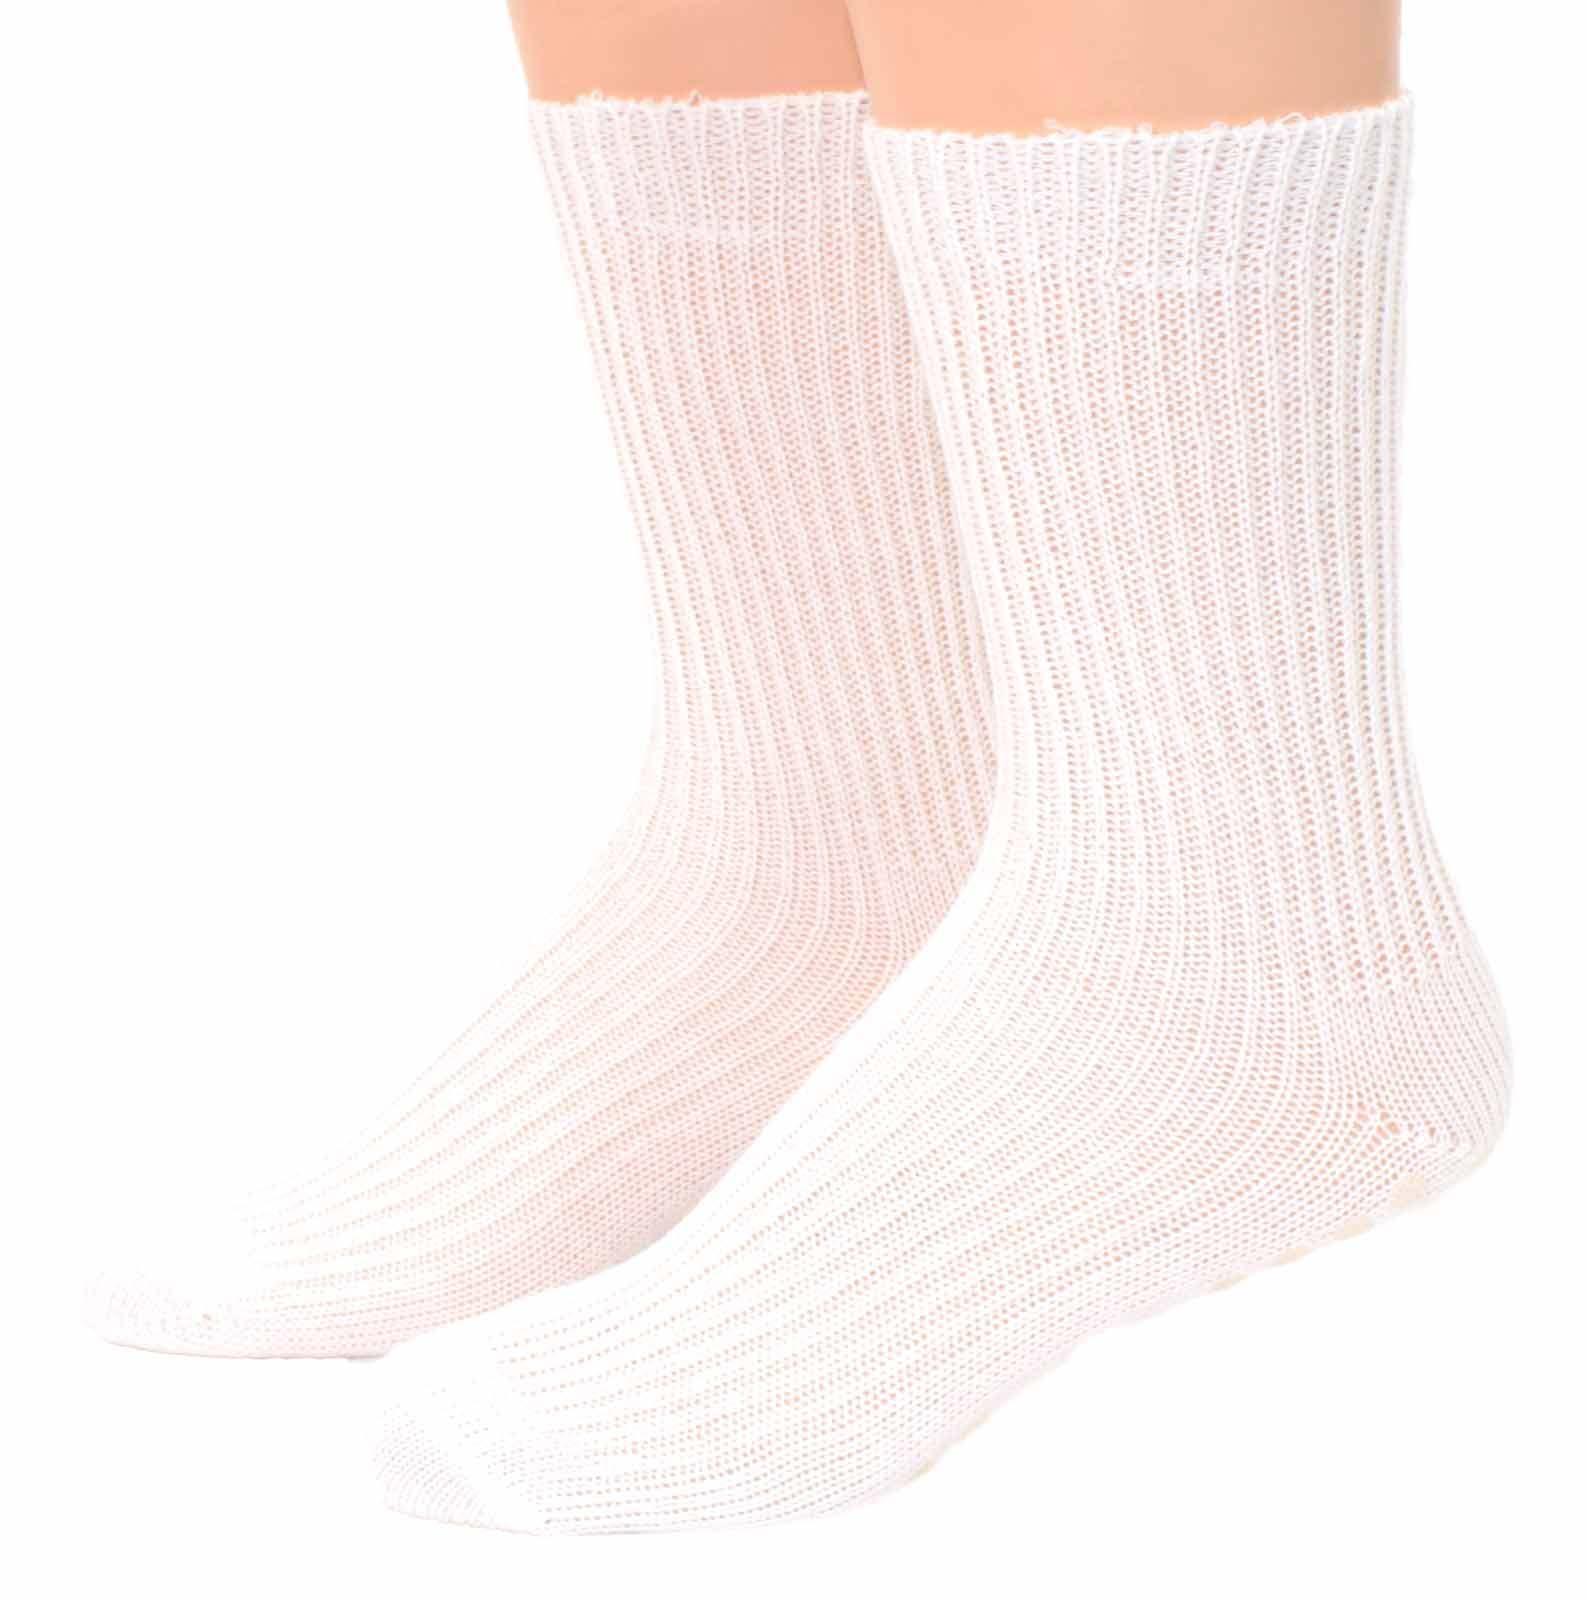 besser Original wählen neue bilder von Kinder Antirutsch Socken Stoppersocken mit Wolle